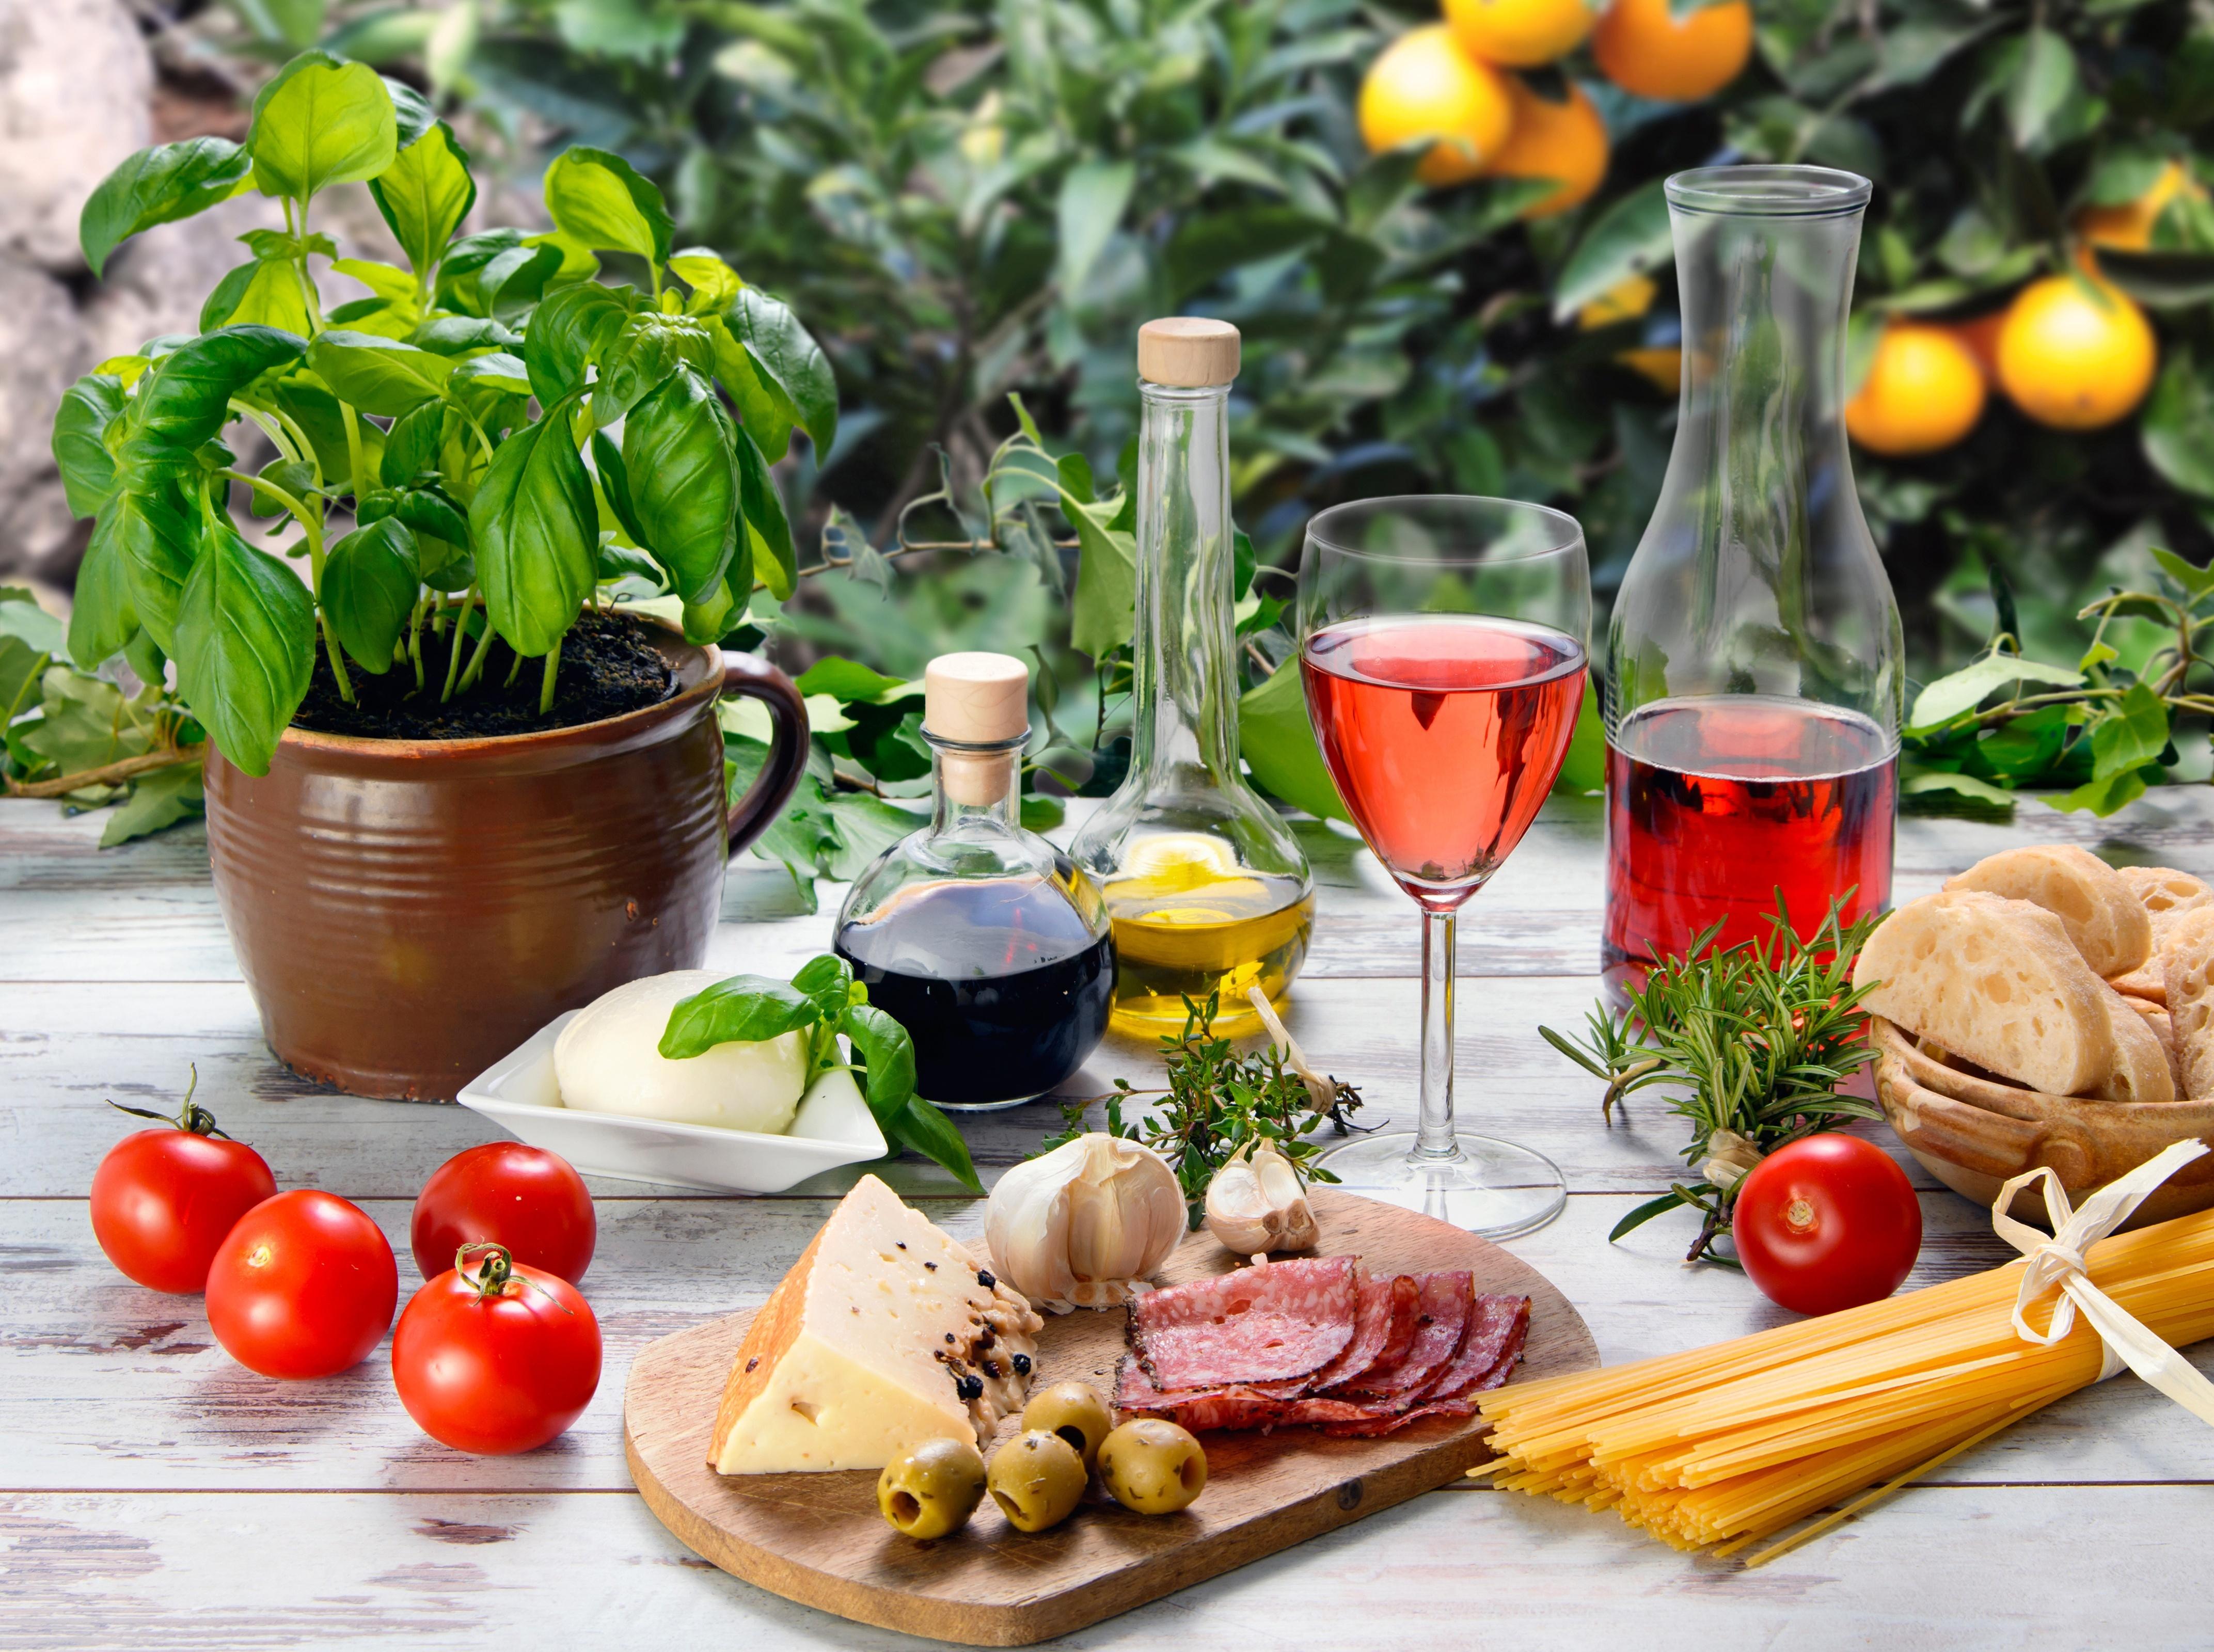 еда оливки масло  № 2107880 бесплатно